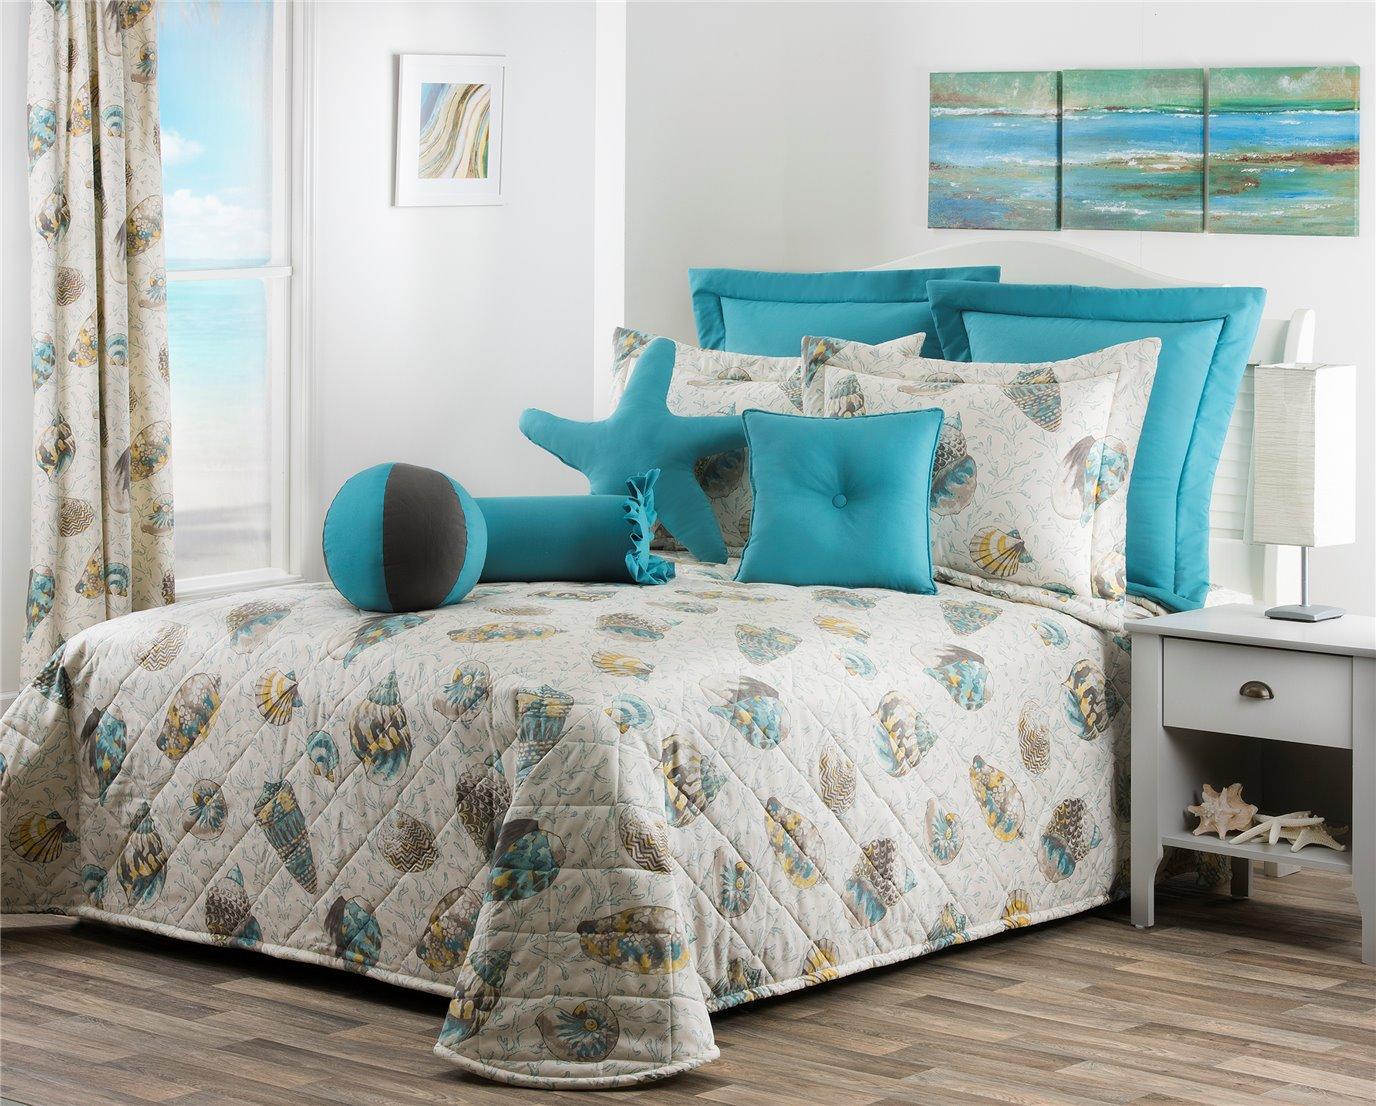 Seaside Treasures Caribbean King Bedspread